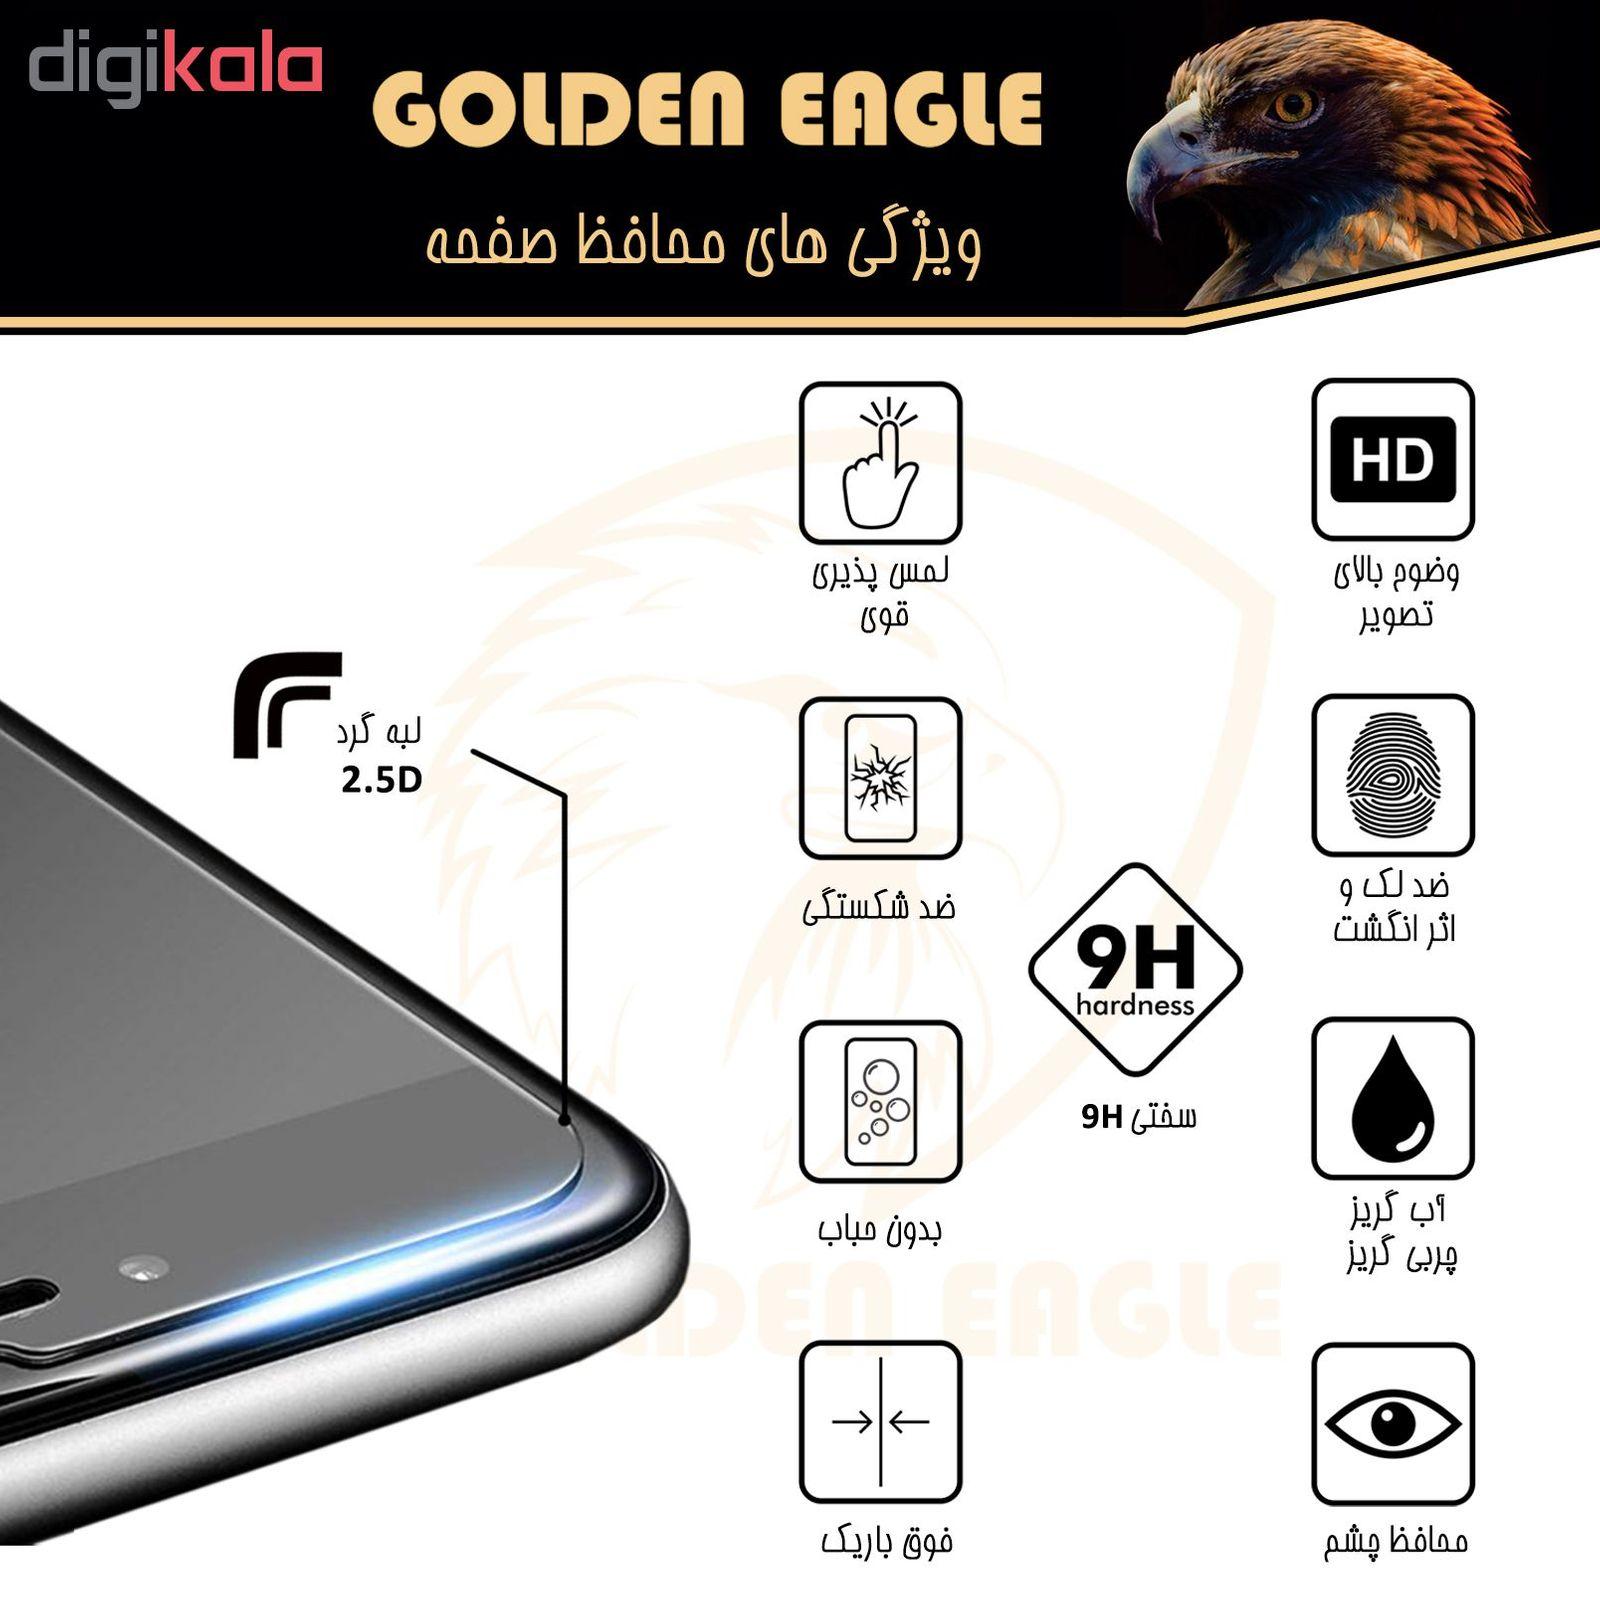 محافظ صفحه نمایش گلدن ایگل مدل GLC-X1 مناسب برای گوشی موبایل اپل iPhone SE main 1 3